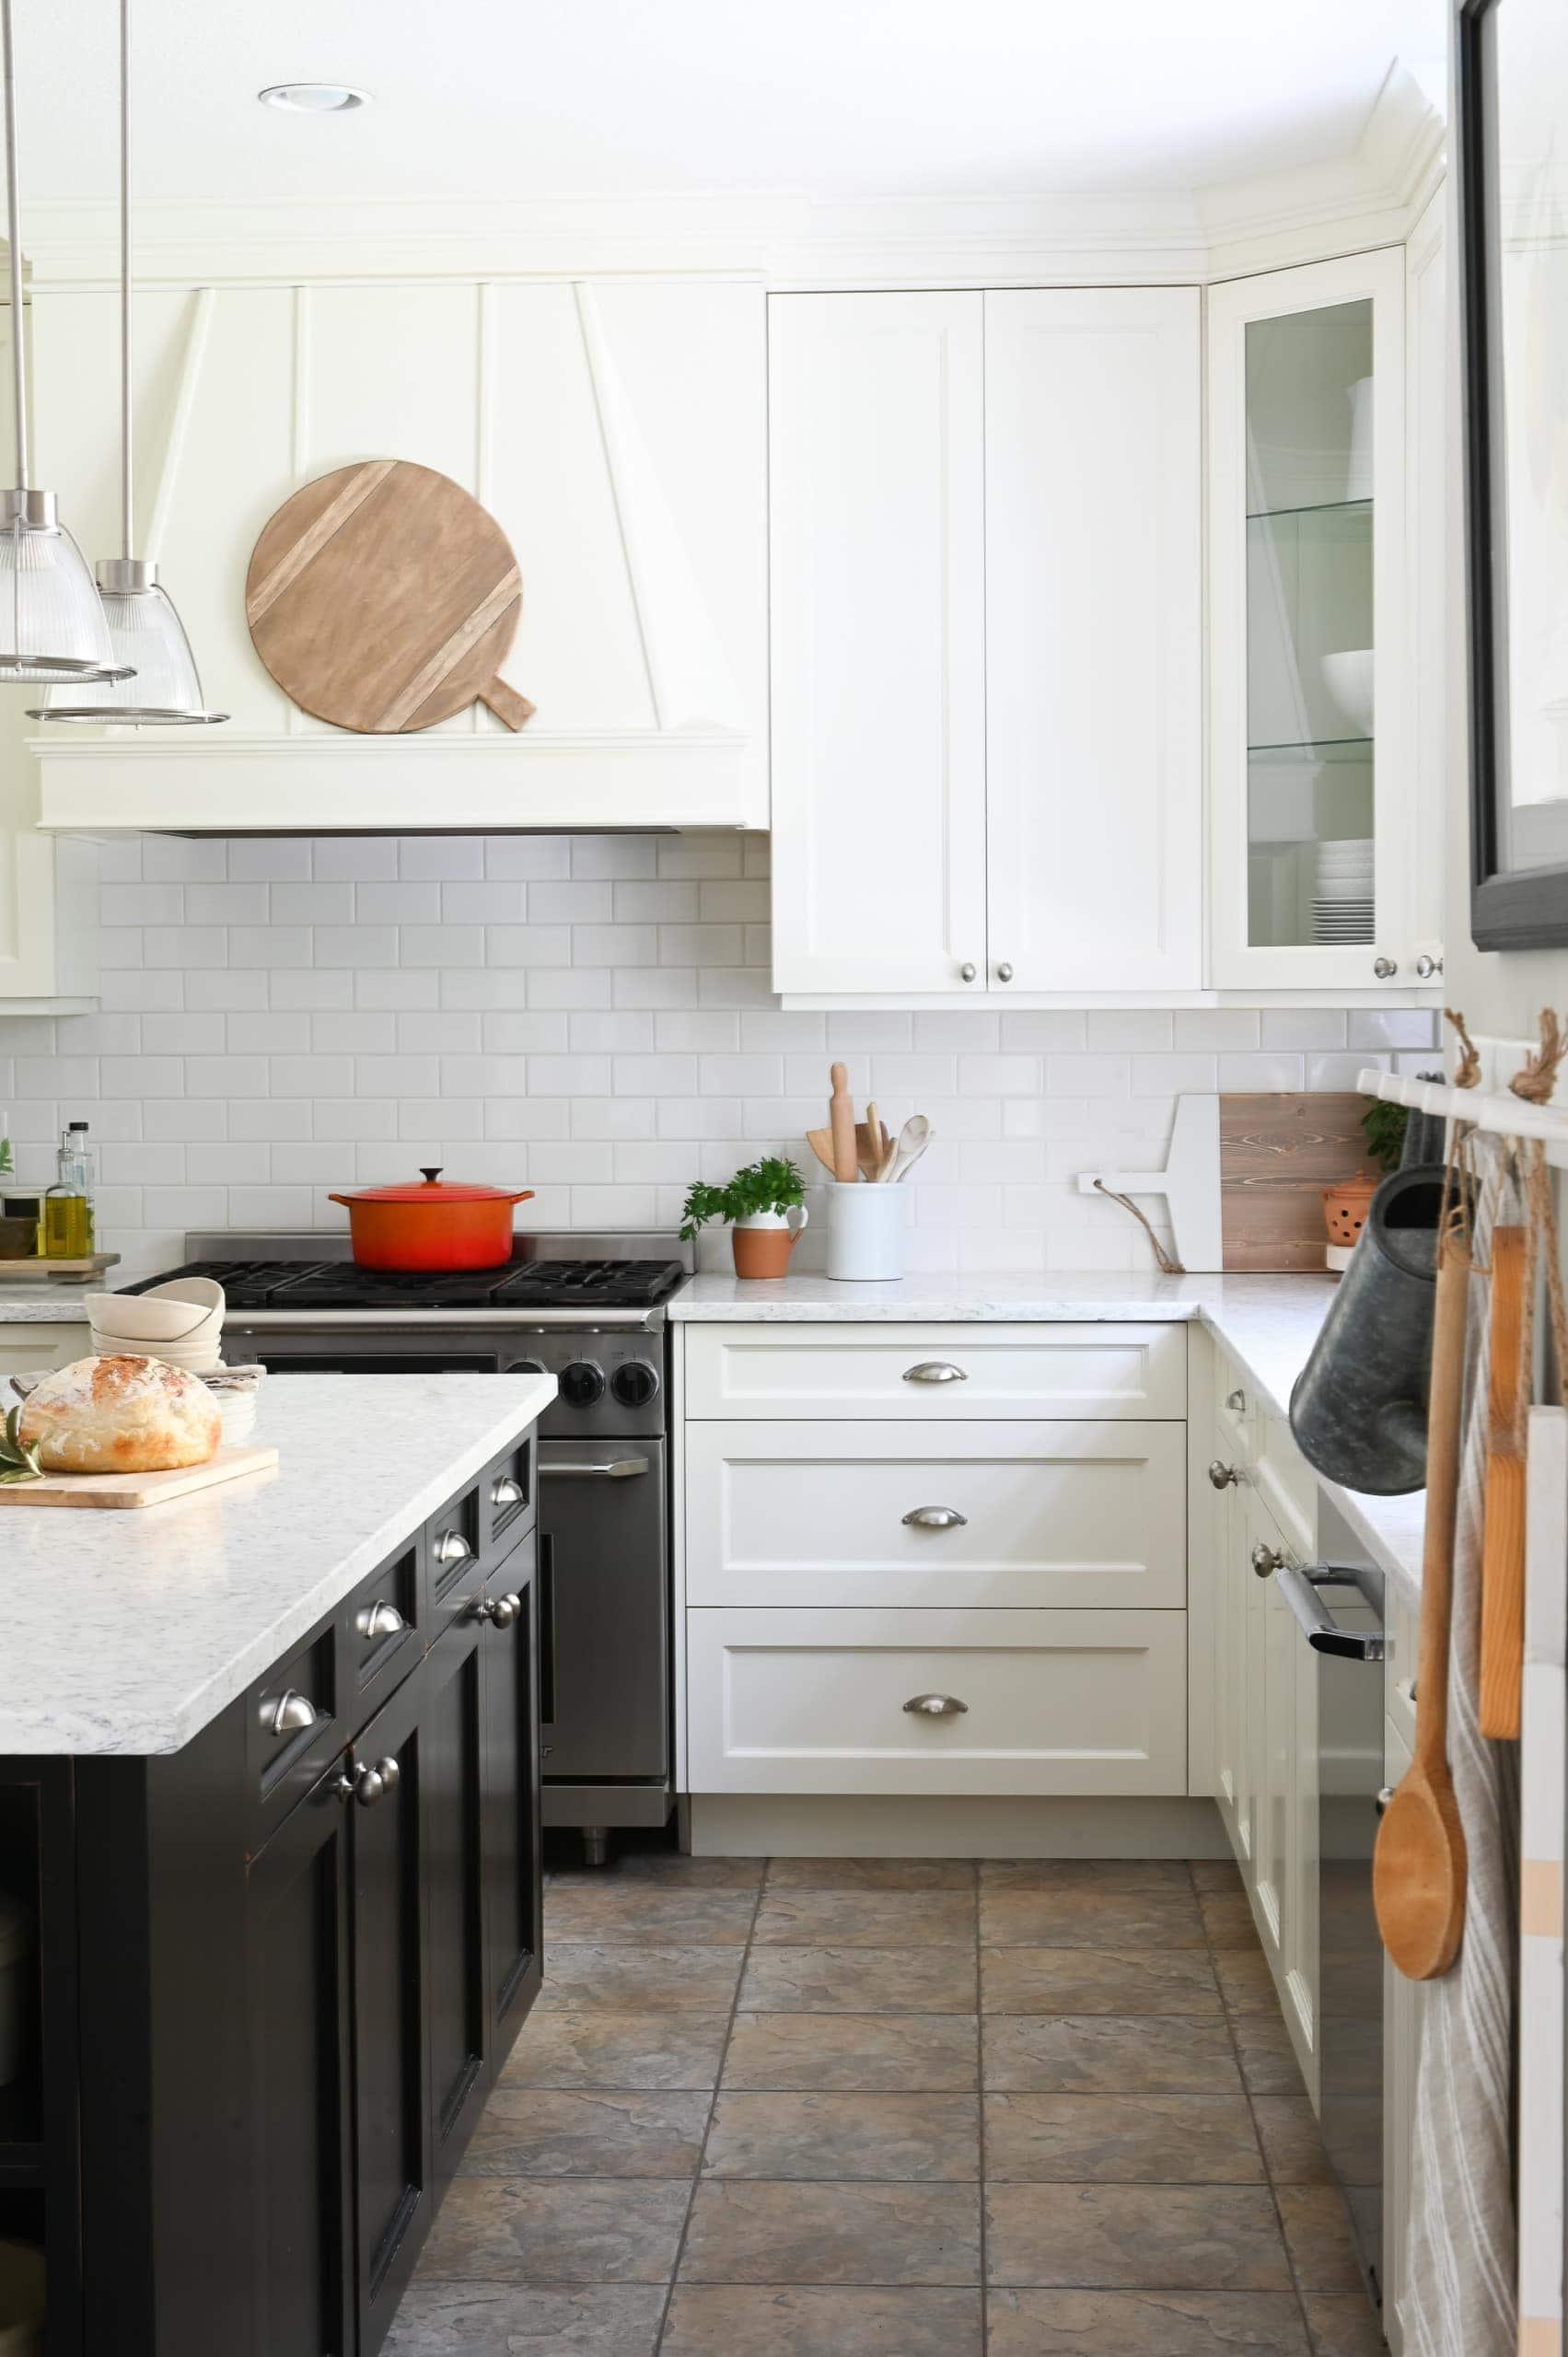 Black and white farmhouse style kitchen